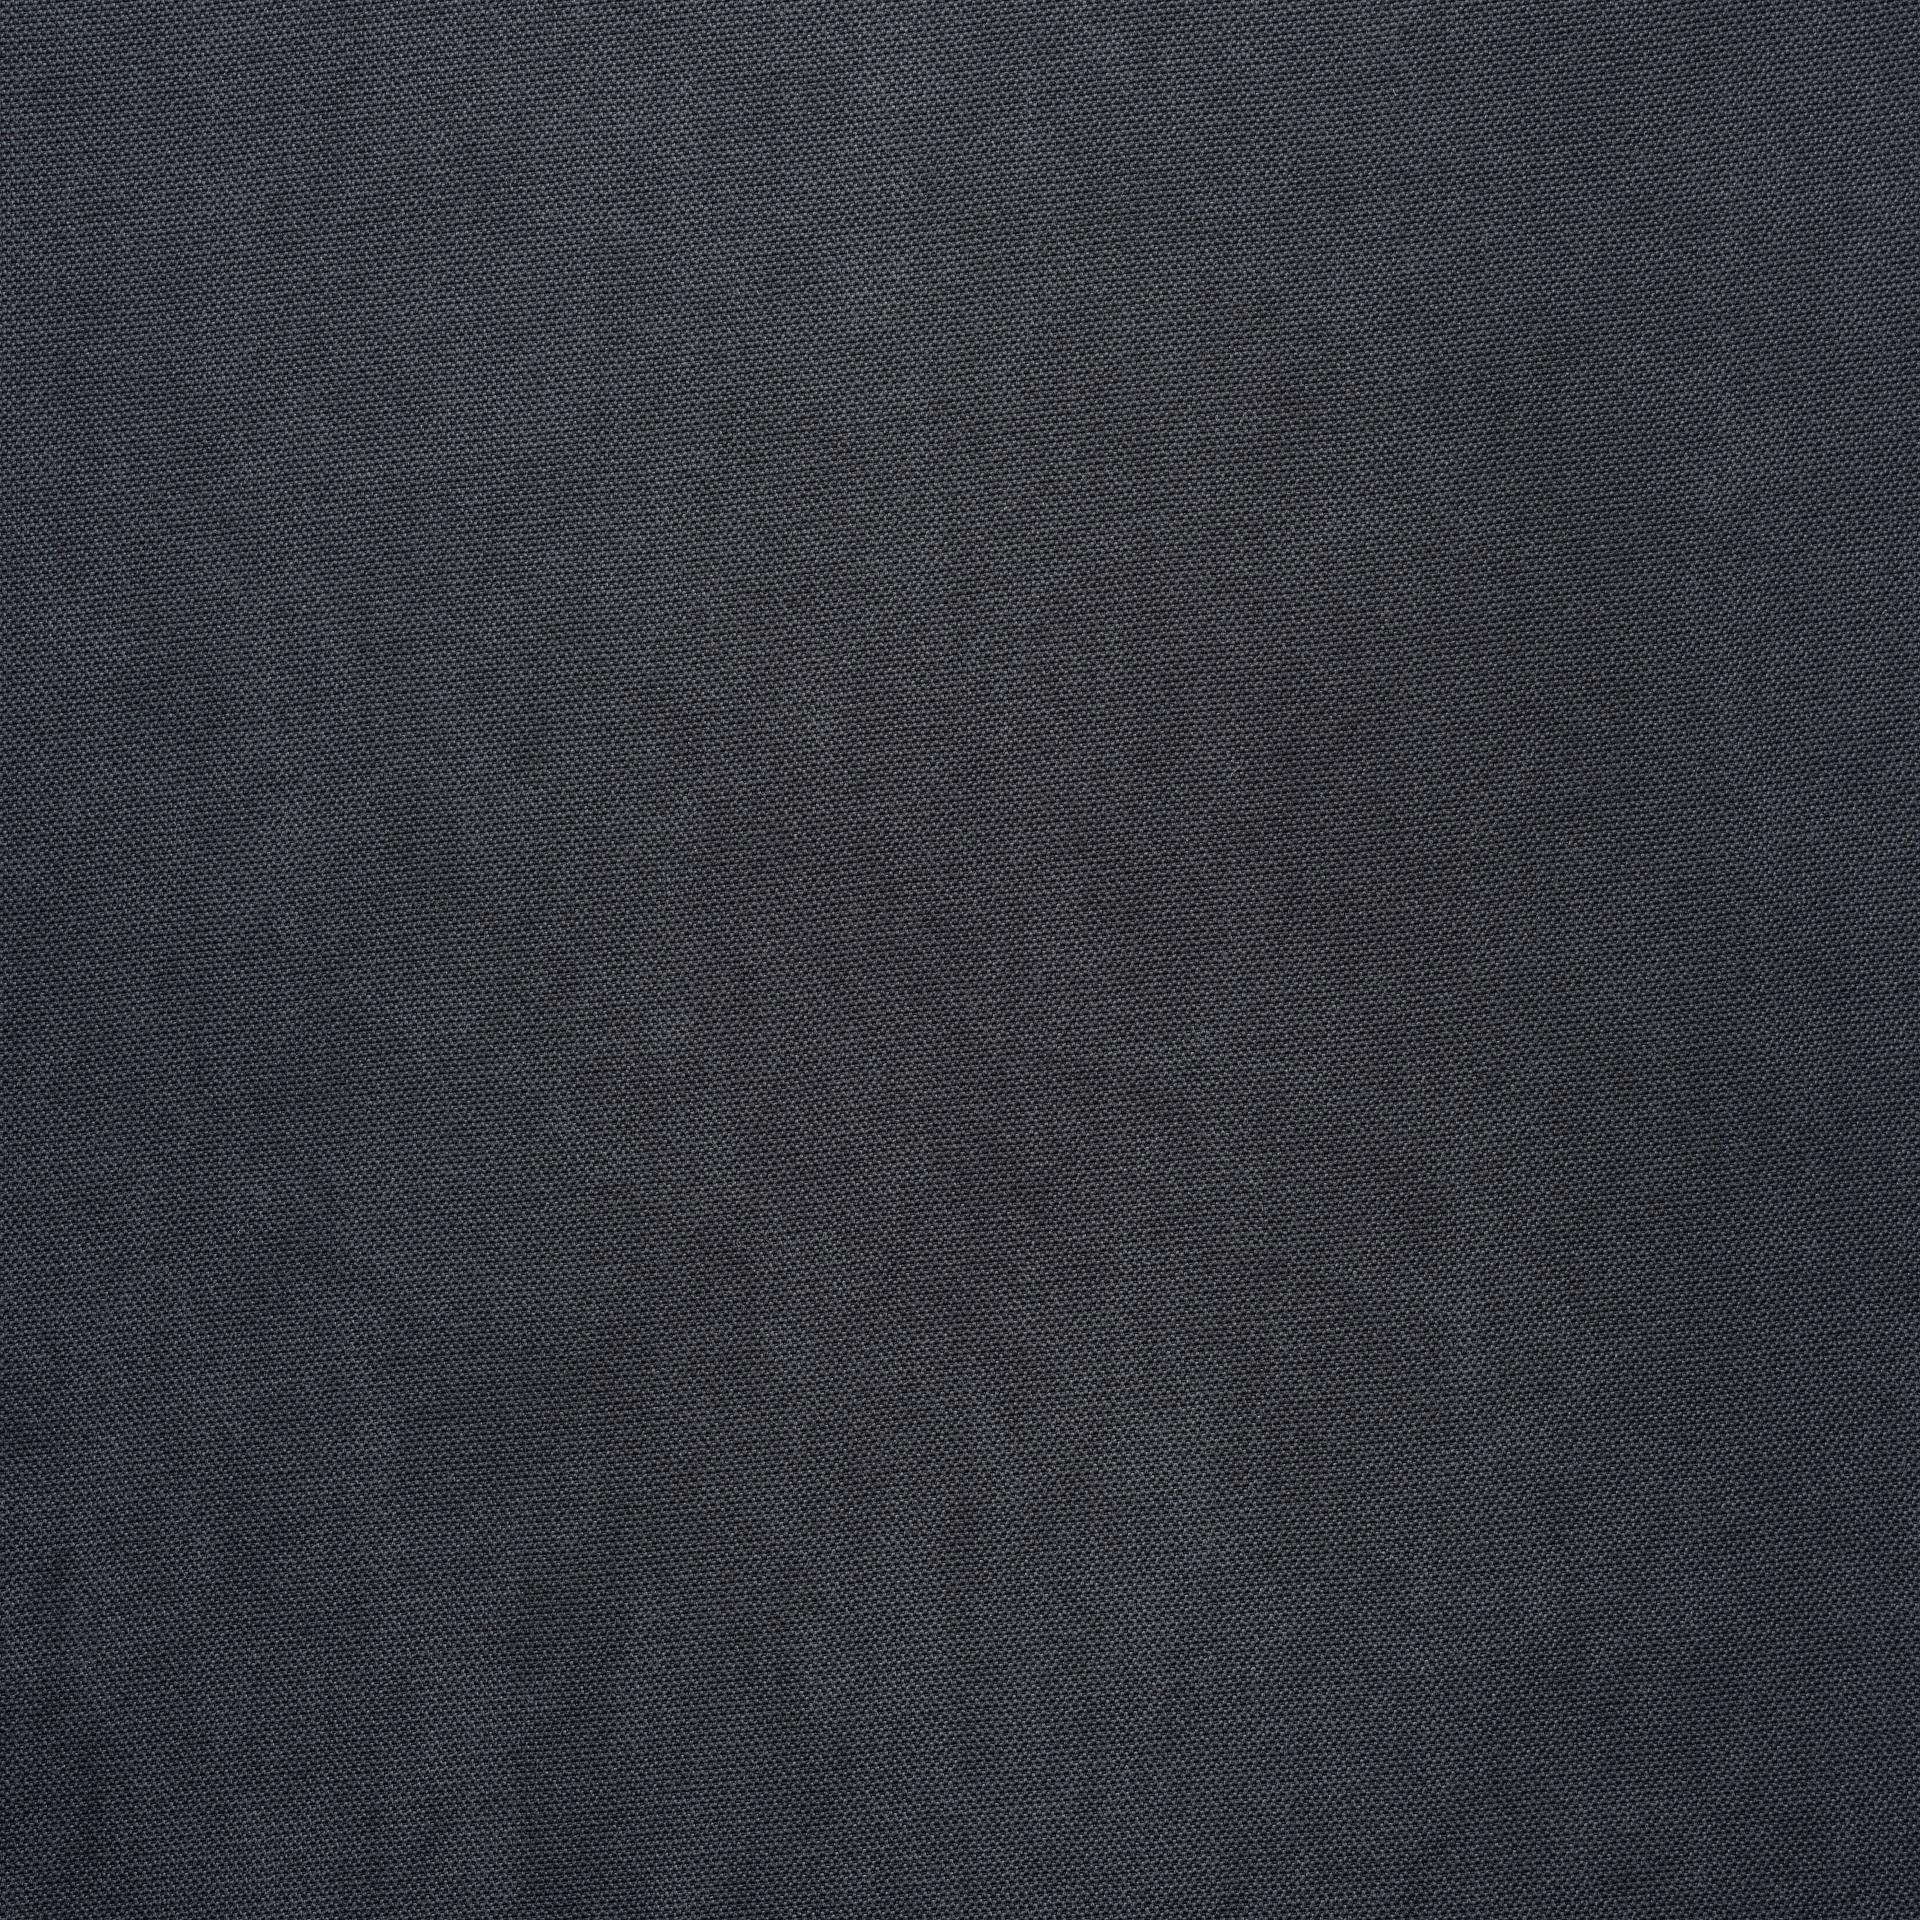 Коллекция ткани Стэнли 23 ROYAL GREY,  купить ткань Жаккард для мебели Украина